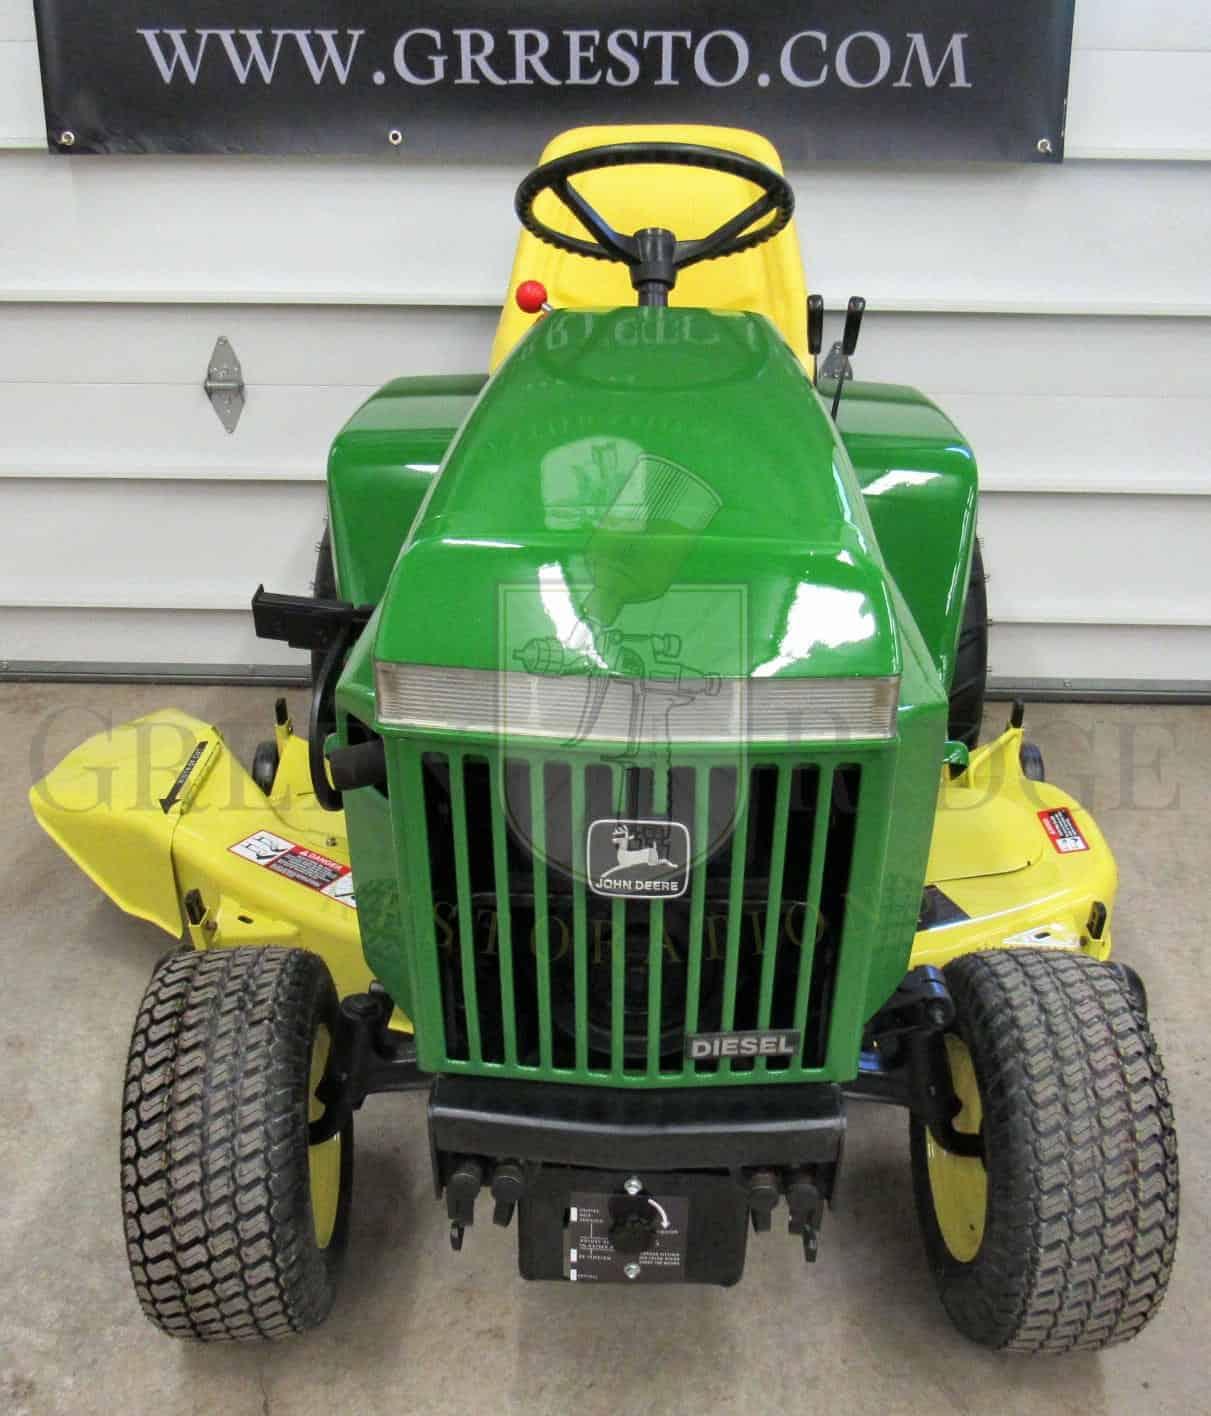 john deere 318 garden tractor Archives - Green Ridge